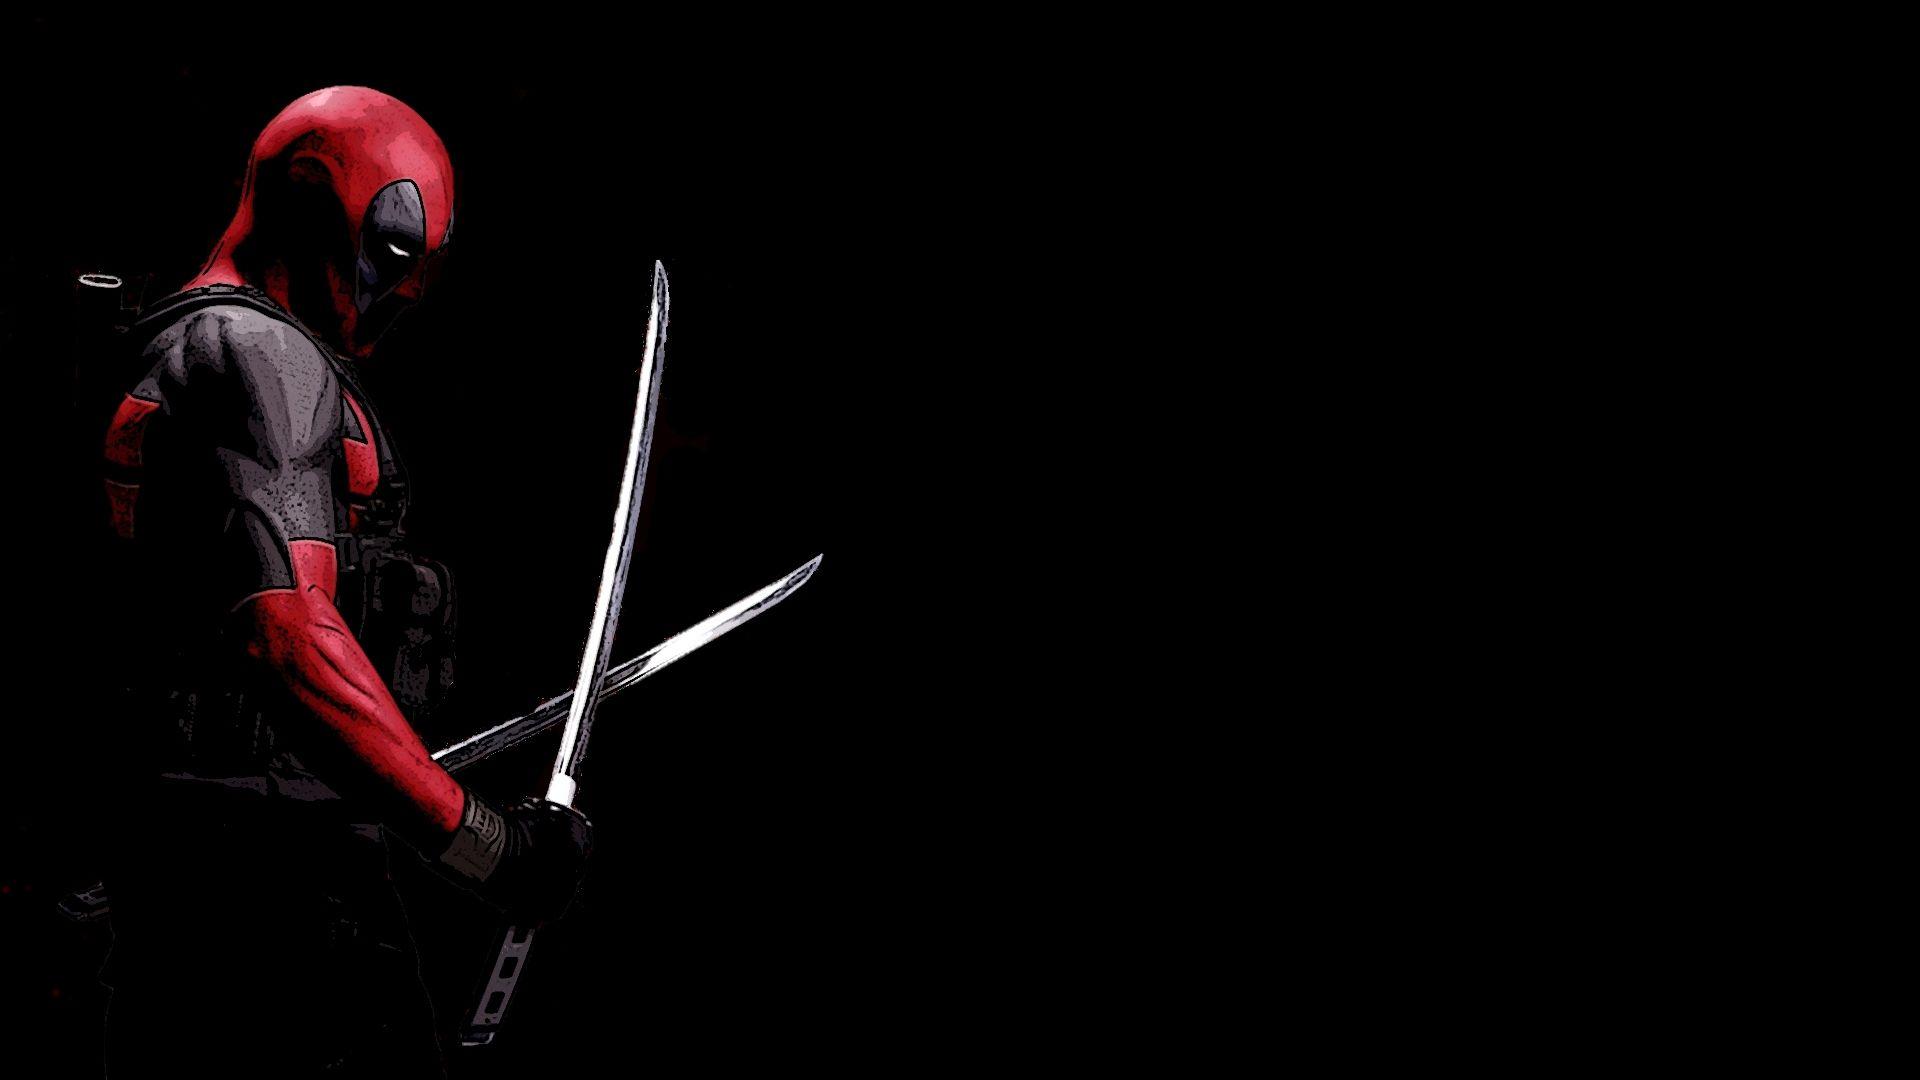 Is Deadpool worthy of the Mjolnir? Loki says so!